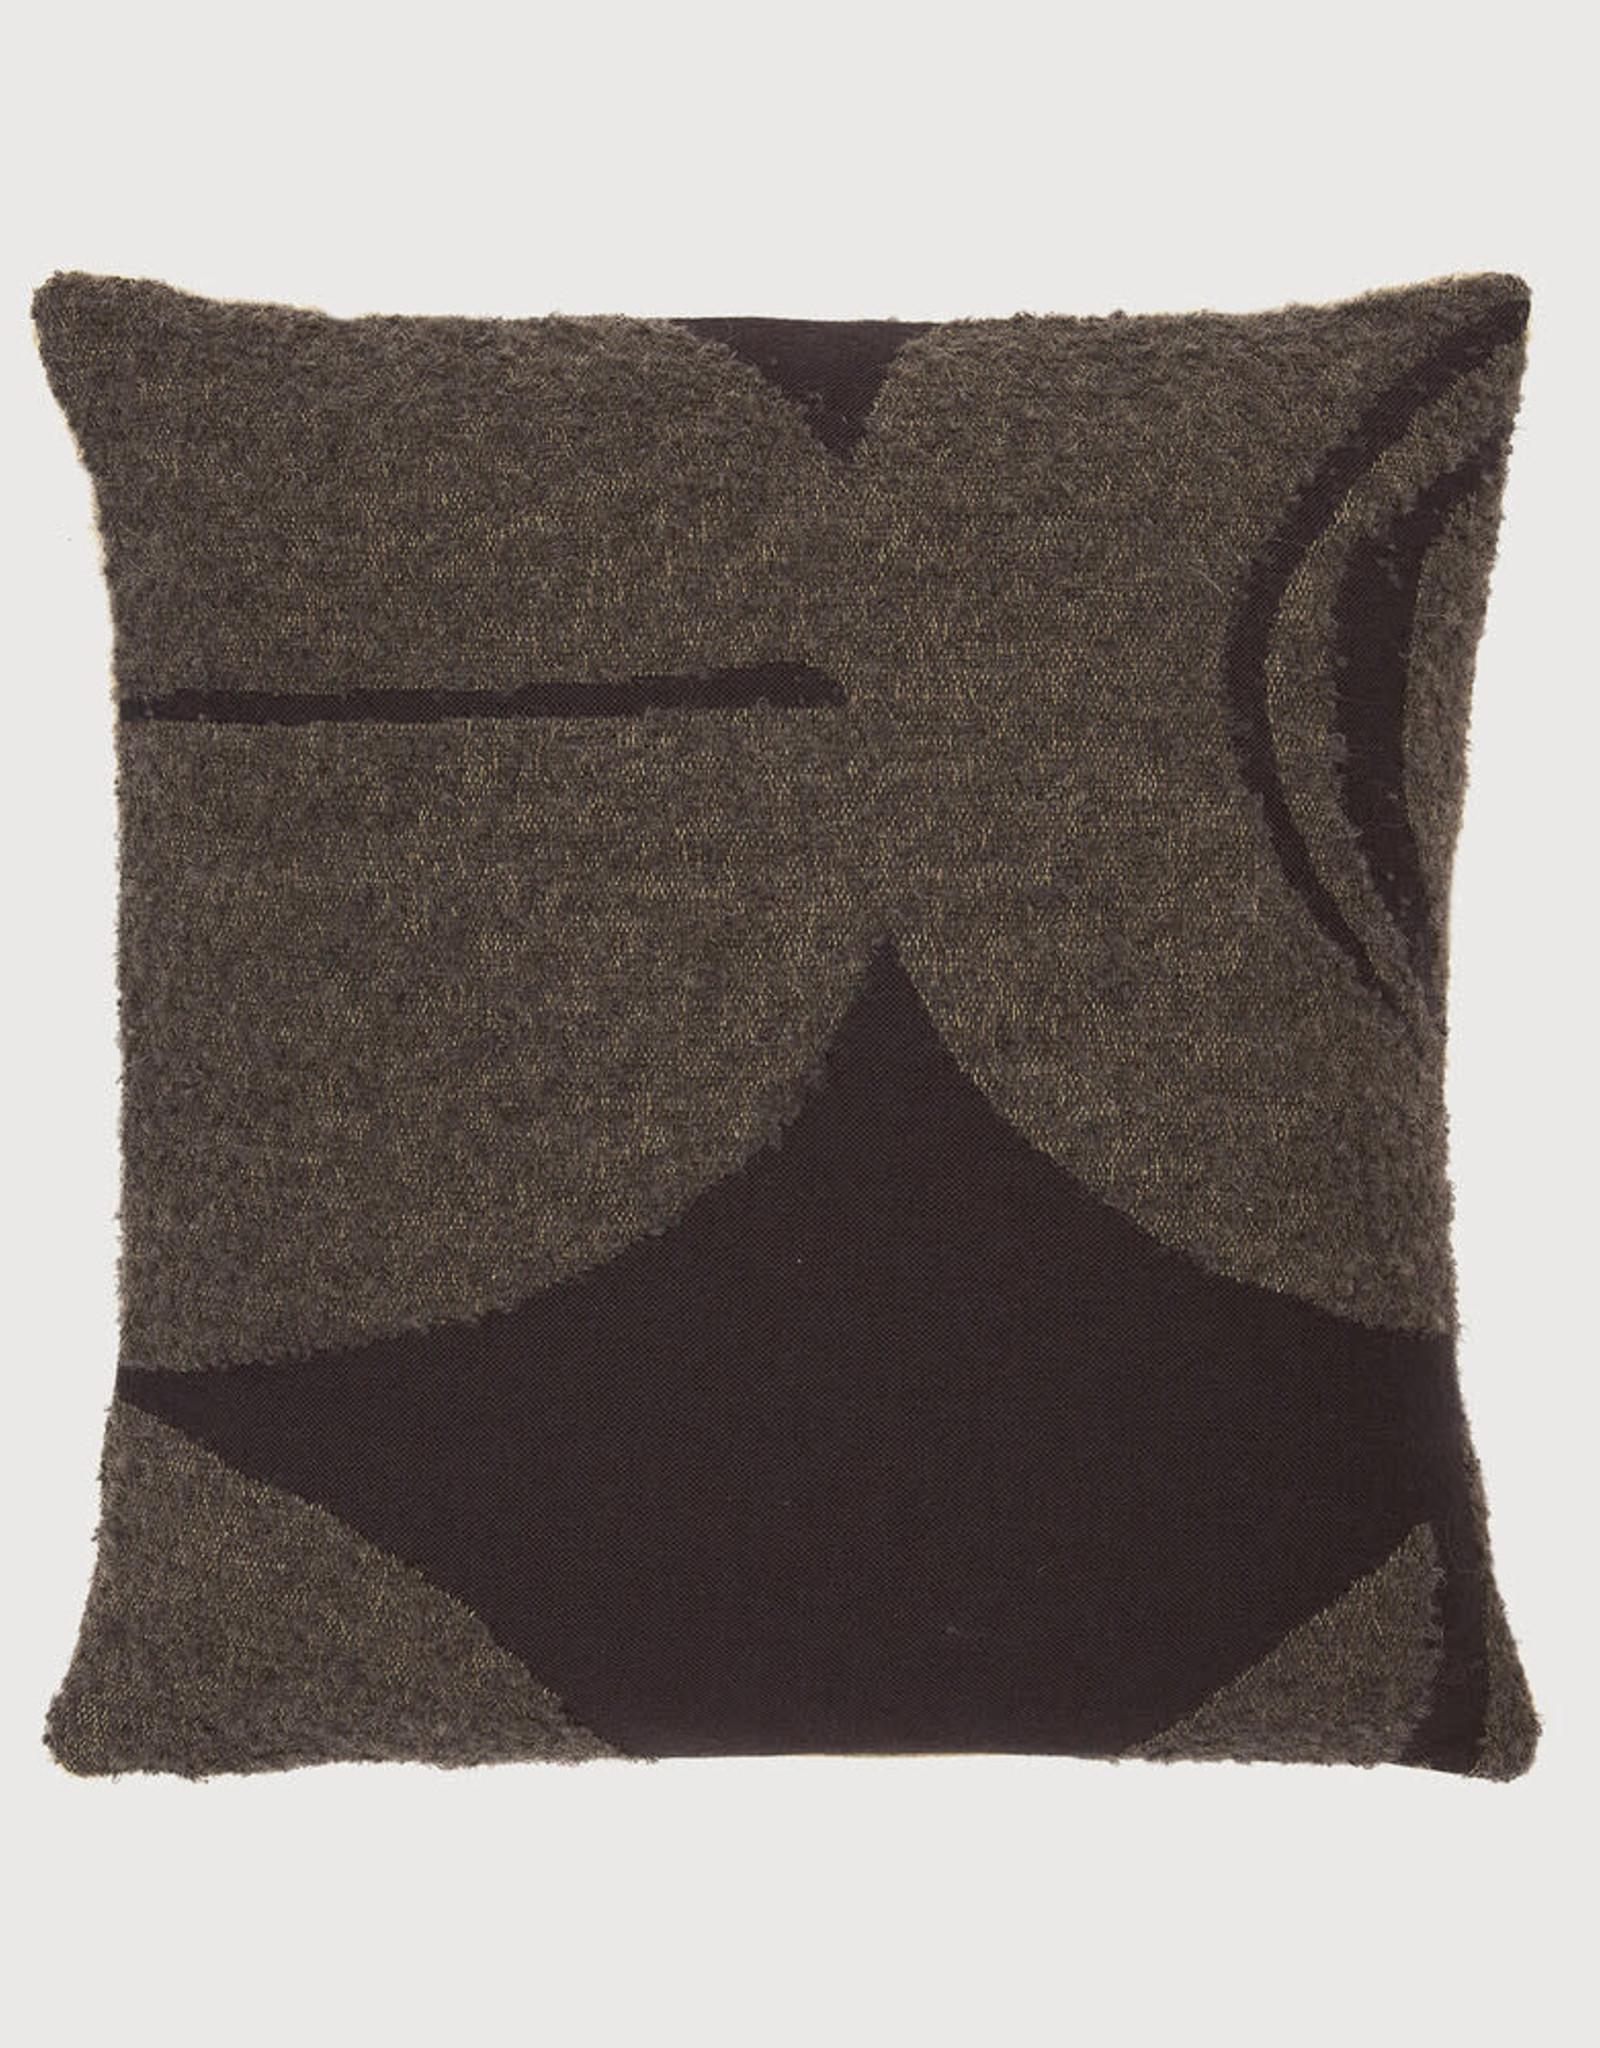 Moro Orb Square Cushion